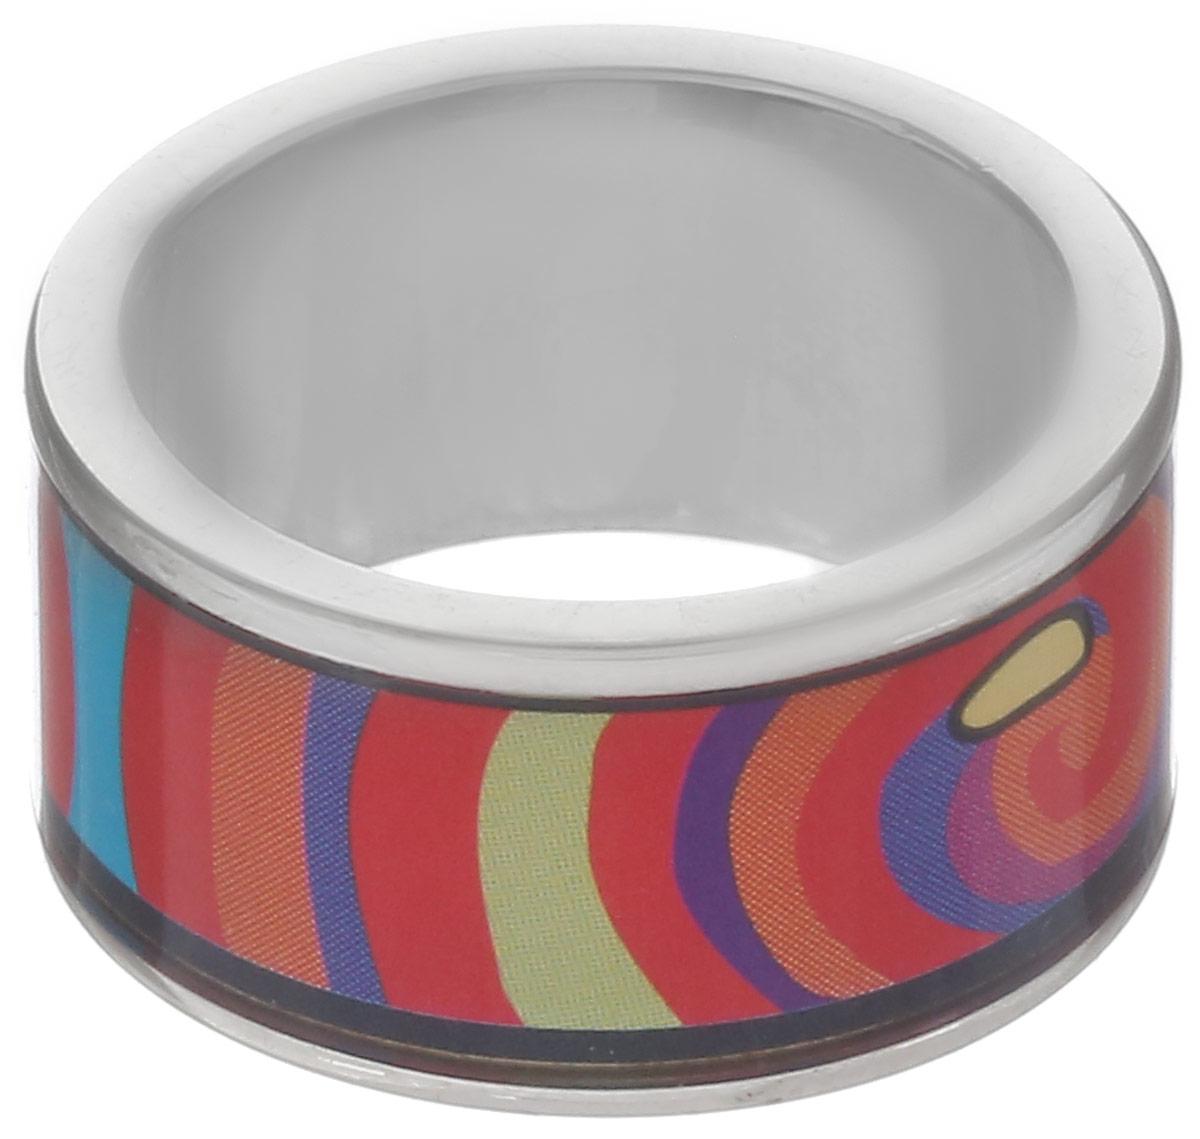 Кольцо Art-Silver, цвет: серебристый, красный, синий. ФК115-1-320. Размер 17,5ФК115-1-320Стильное кольцо Art-Silver изготовлено из бижутерного сплава. Изделие оформлено оригинальным принтом и покрыто эмалью. Стильное кольцо придаст вашему образу изюминку и подчеркнет индивидуальность.